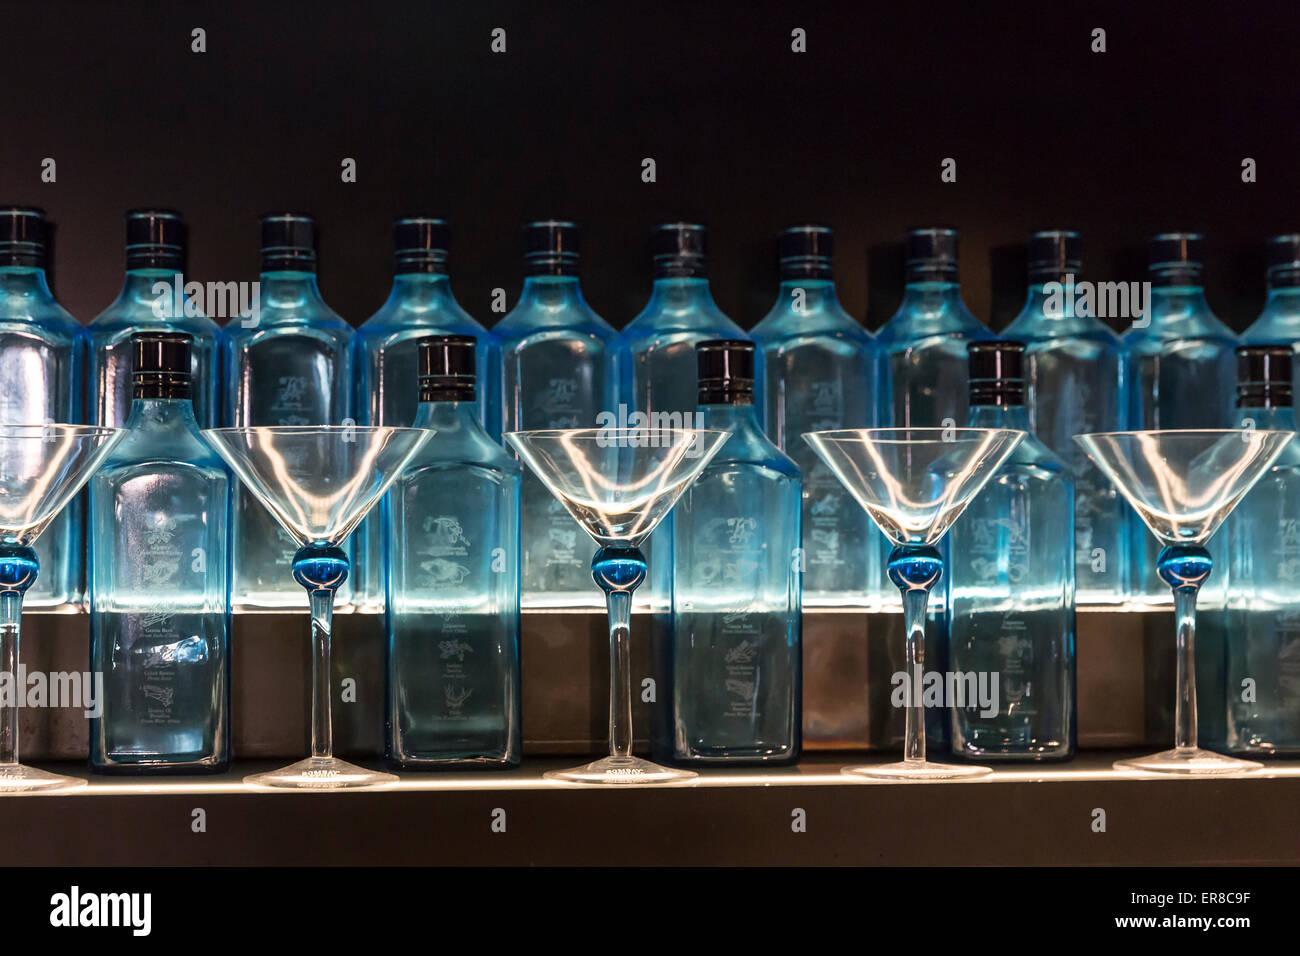 Negozio di gin Bombay Sapphire Distillery Visitor Center, Lyndhurst, Hampshire, Inghilterra, Regno Unito. Immagini Stock